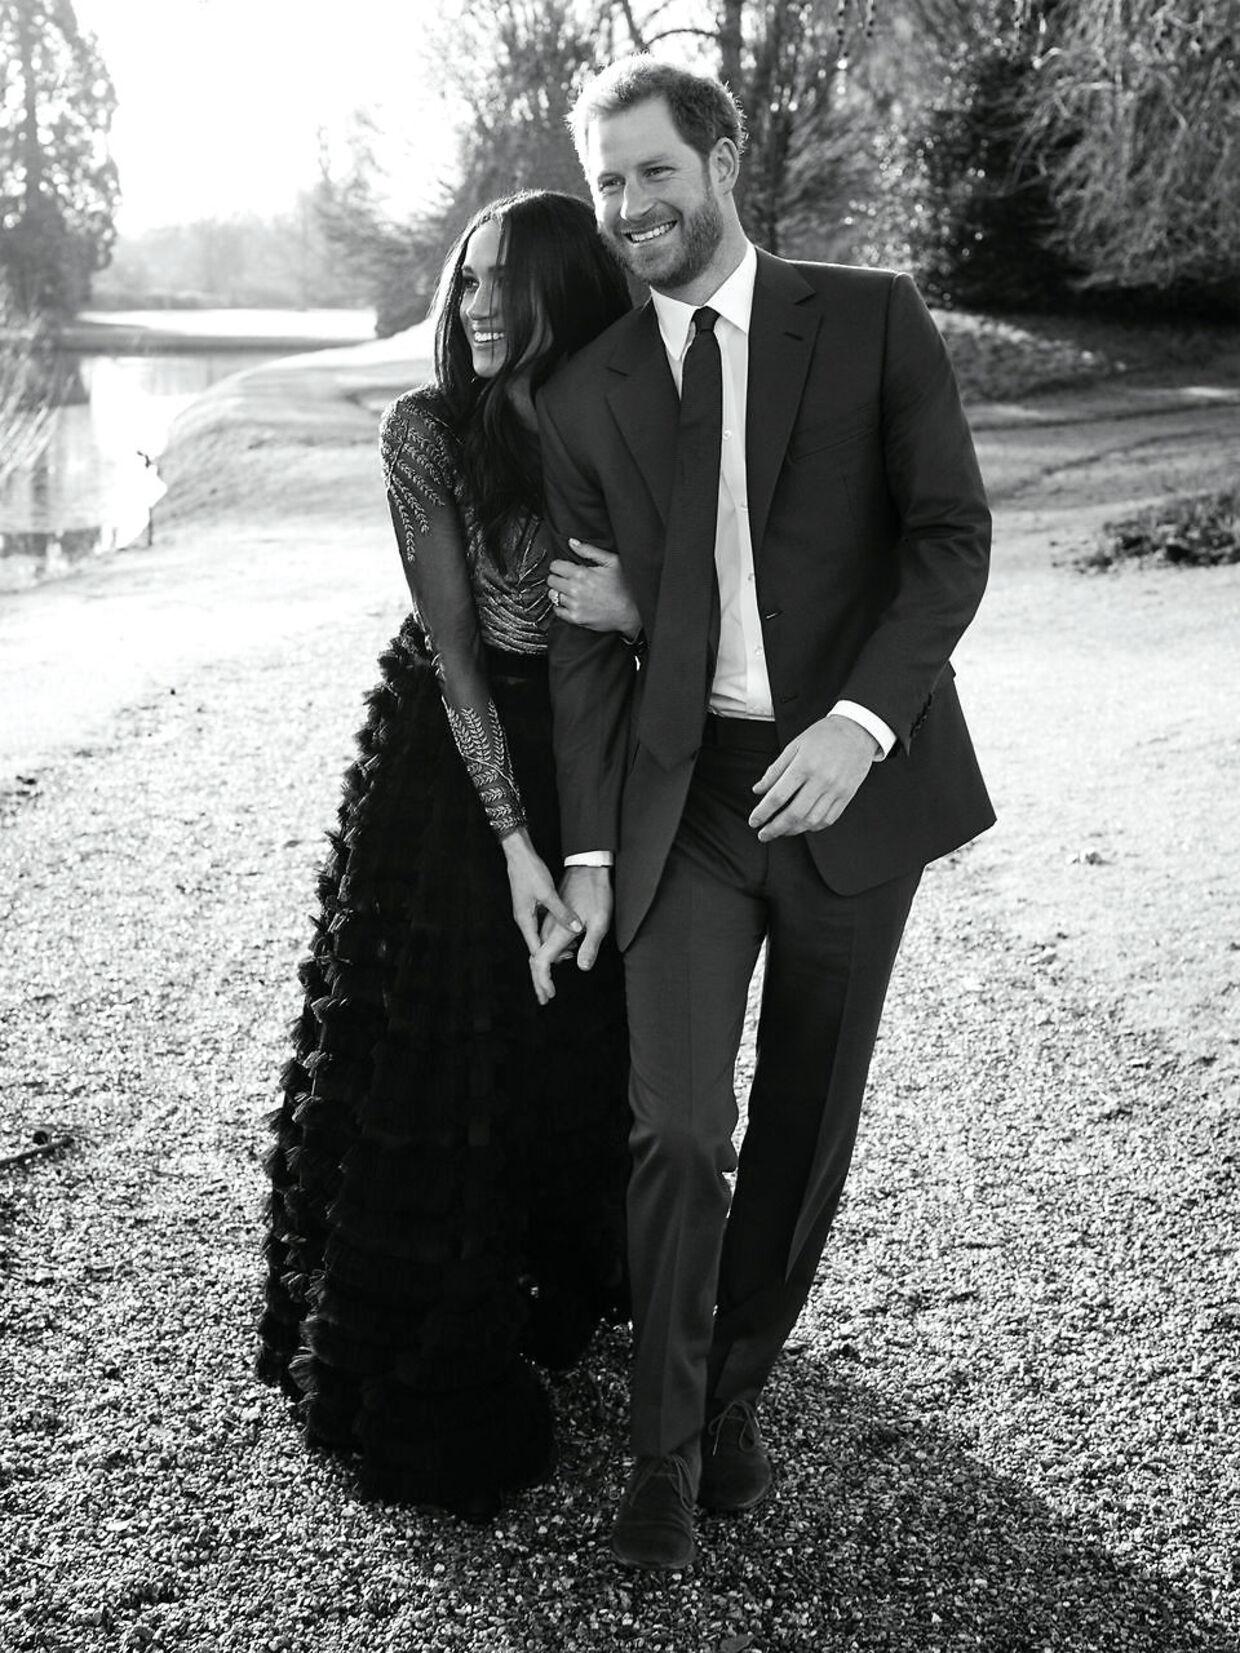 Officielle forlovelsesfotos udsendt af Kensington Palace.